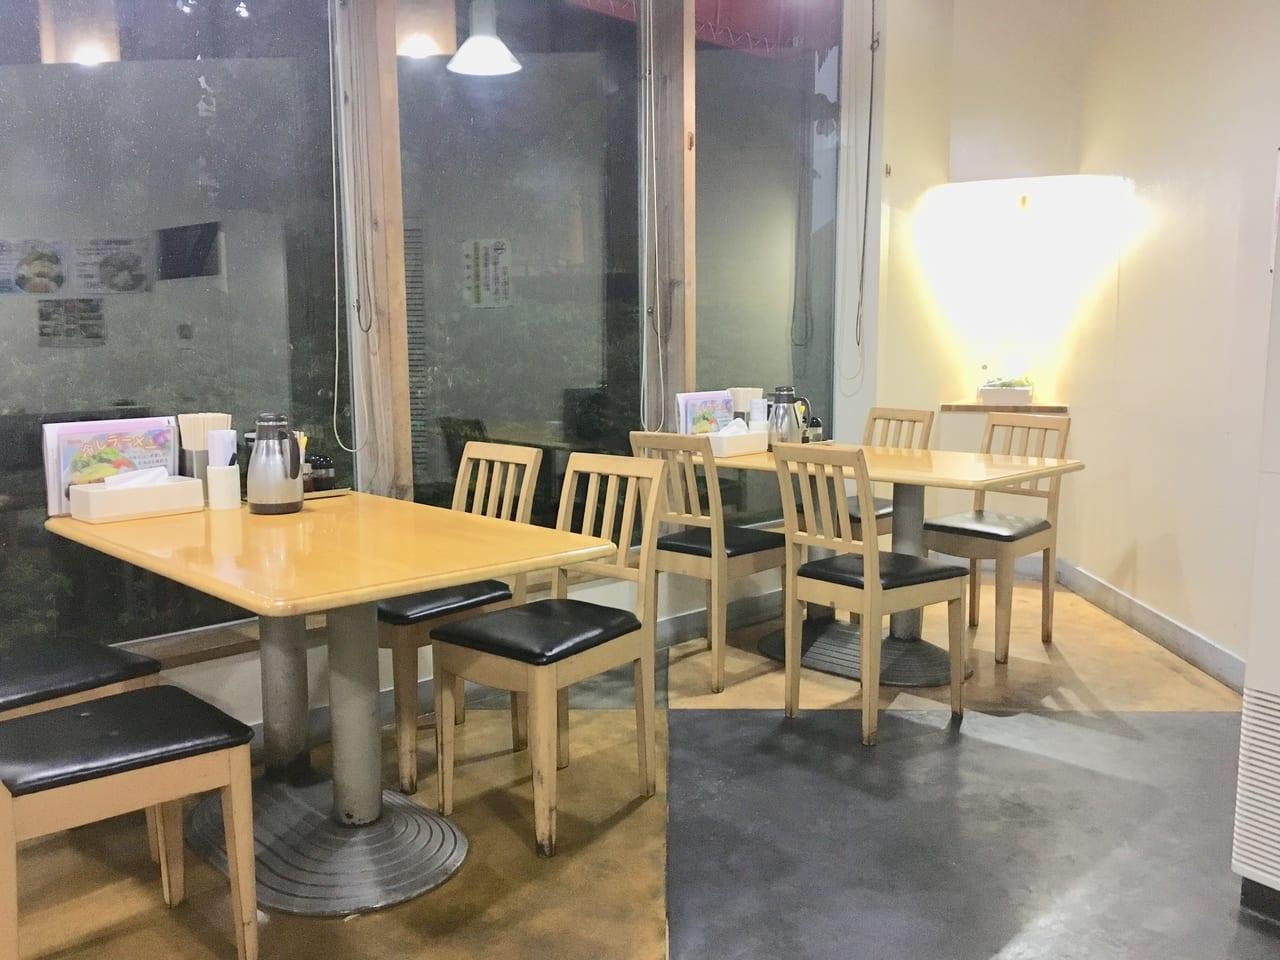 ラーメンレストランニングルのテーブル席